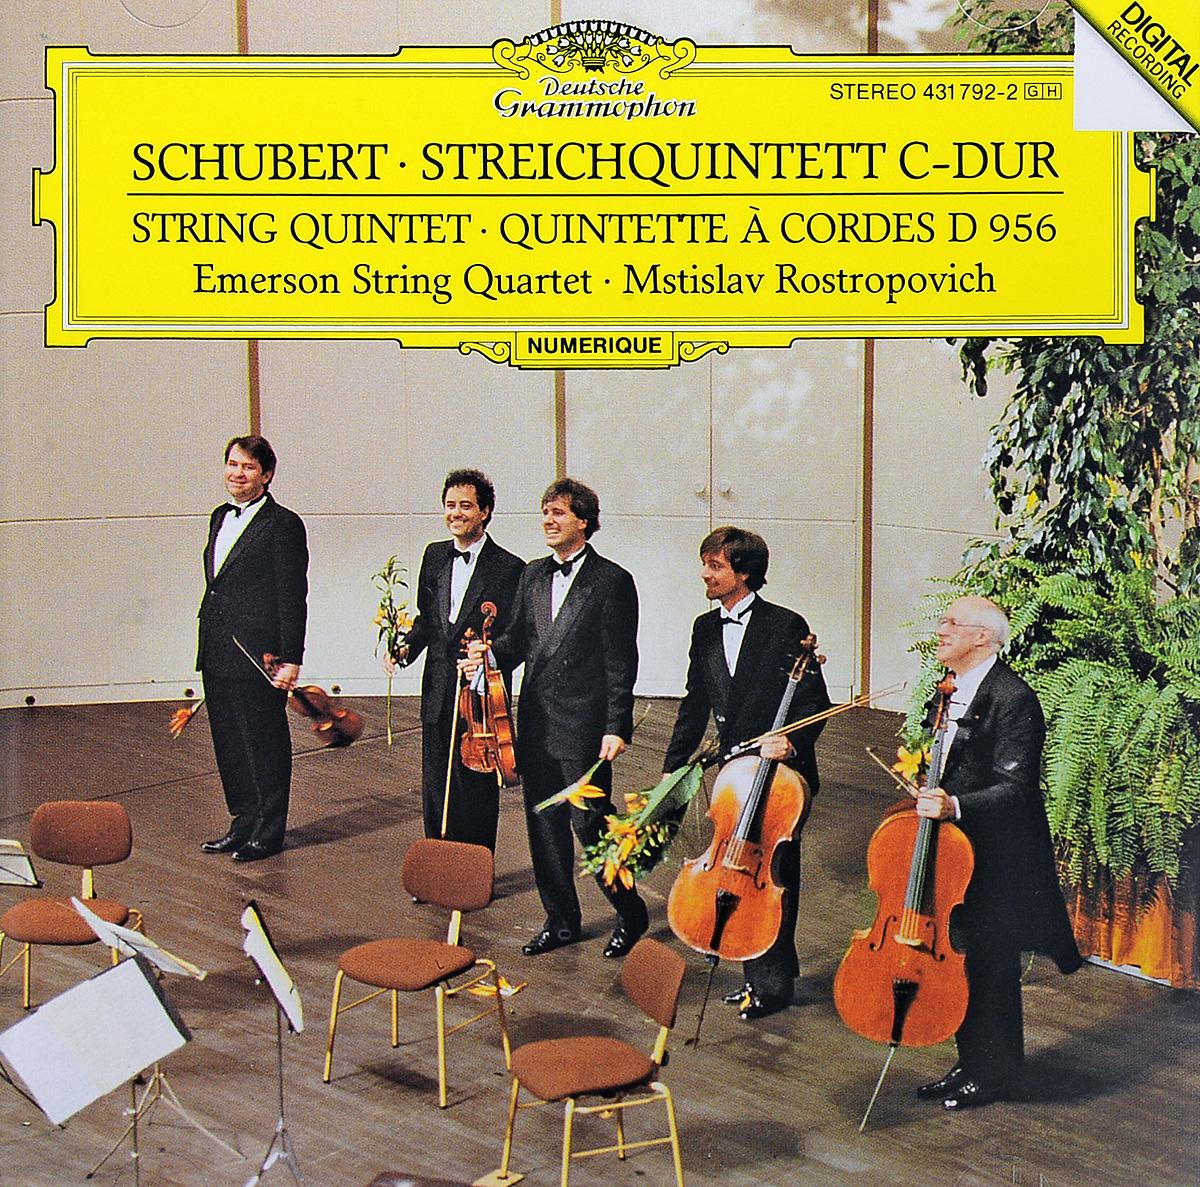 Schubert. Emerson String Quartet. Mstislav Rostropovich. Streichquintett C-dur (String Quintet · Quintette А Cordes D 956) emerson string quartet emerson string quartet haydn the seven last words